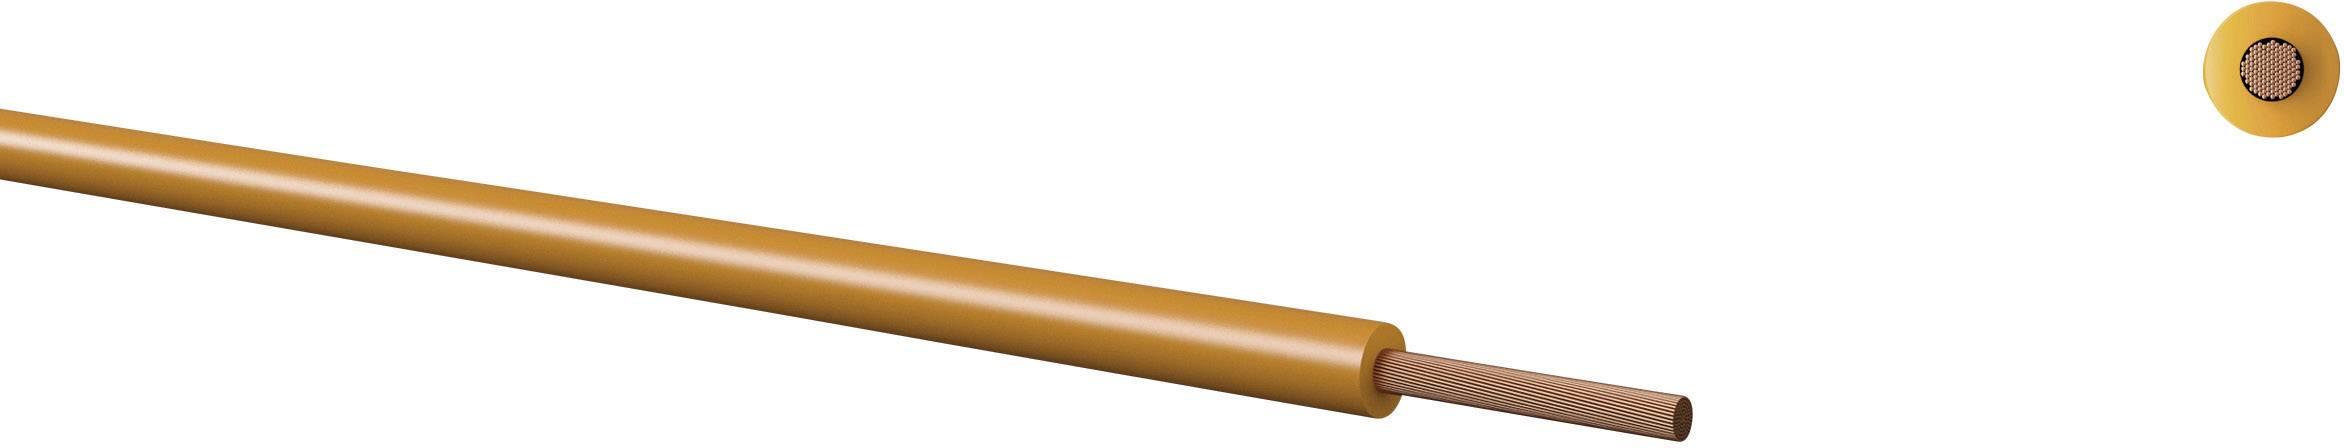 Opletenie / lanko Kabeltronik 160102510 LiFY, 1 x 0.25 mm², vonkajší Ø 1.40 mm, metrový tovar, fialová